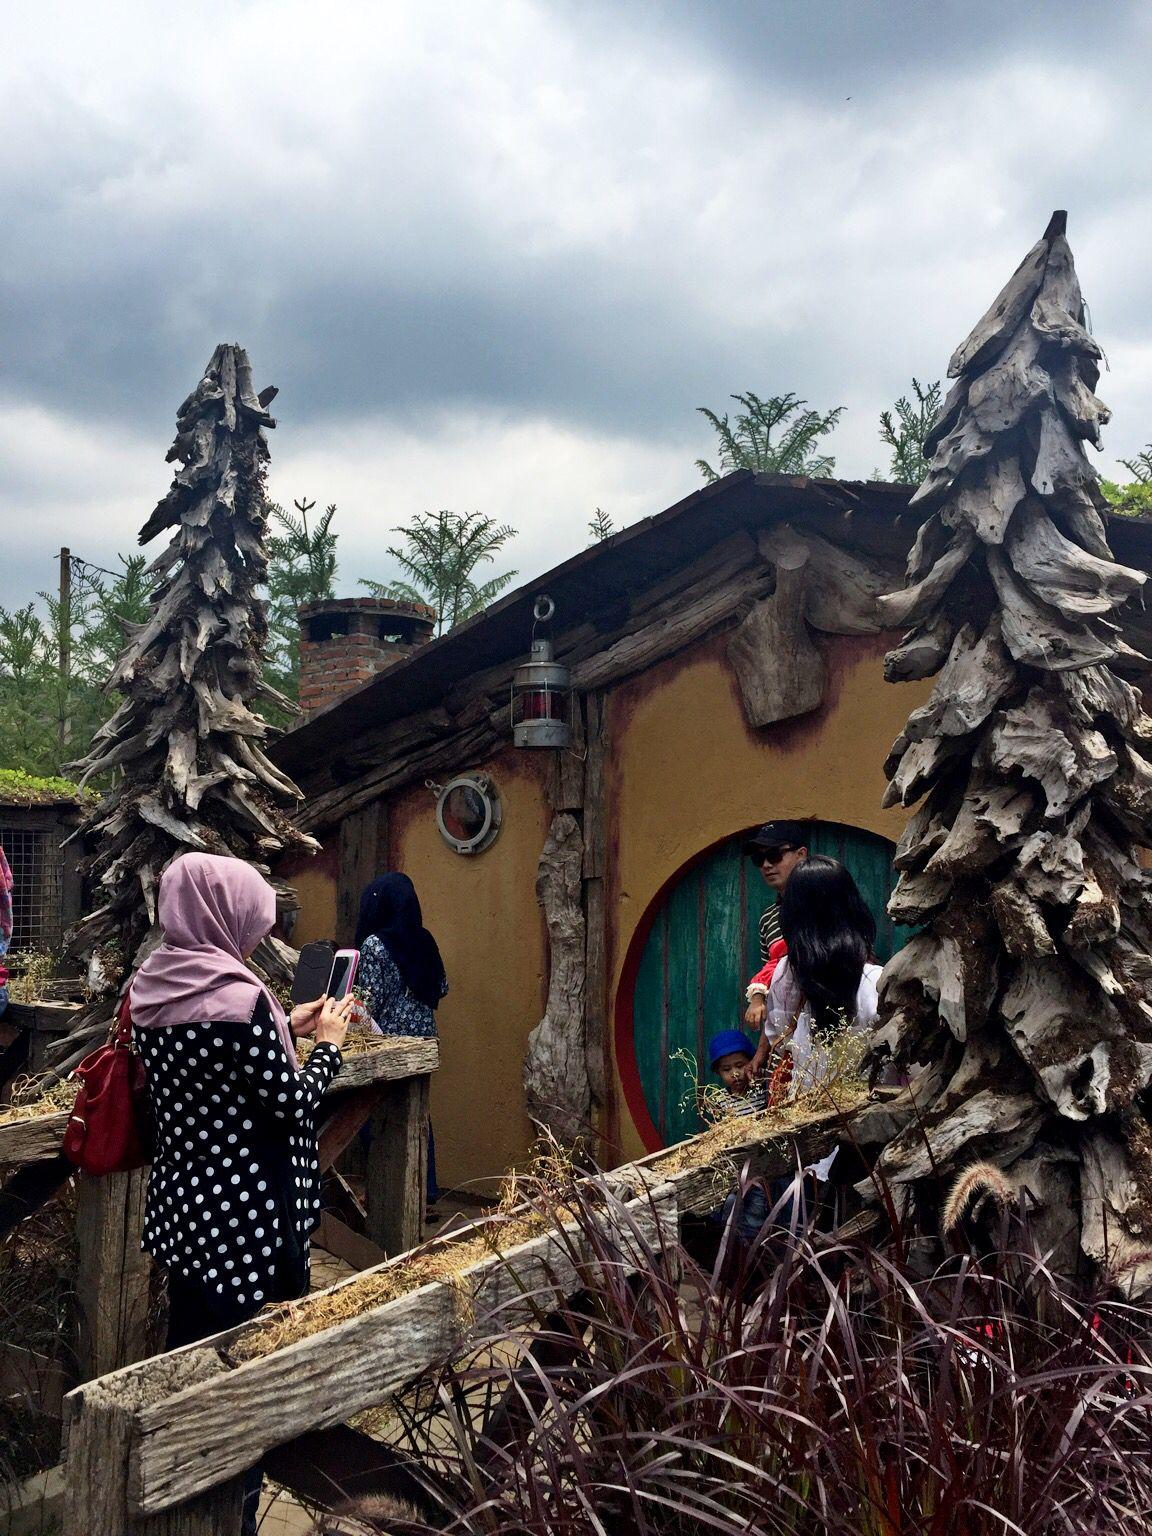 Hobbit House at Farm House Lembang Bandung Indonesia